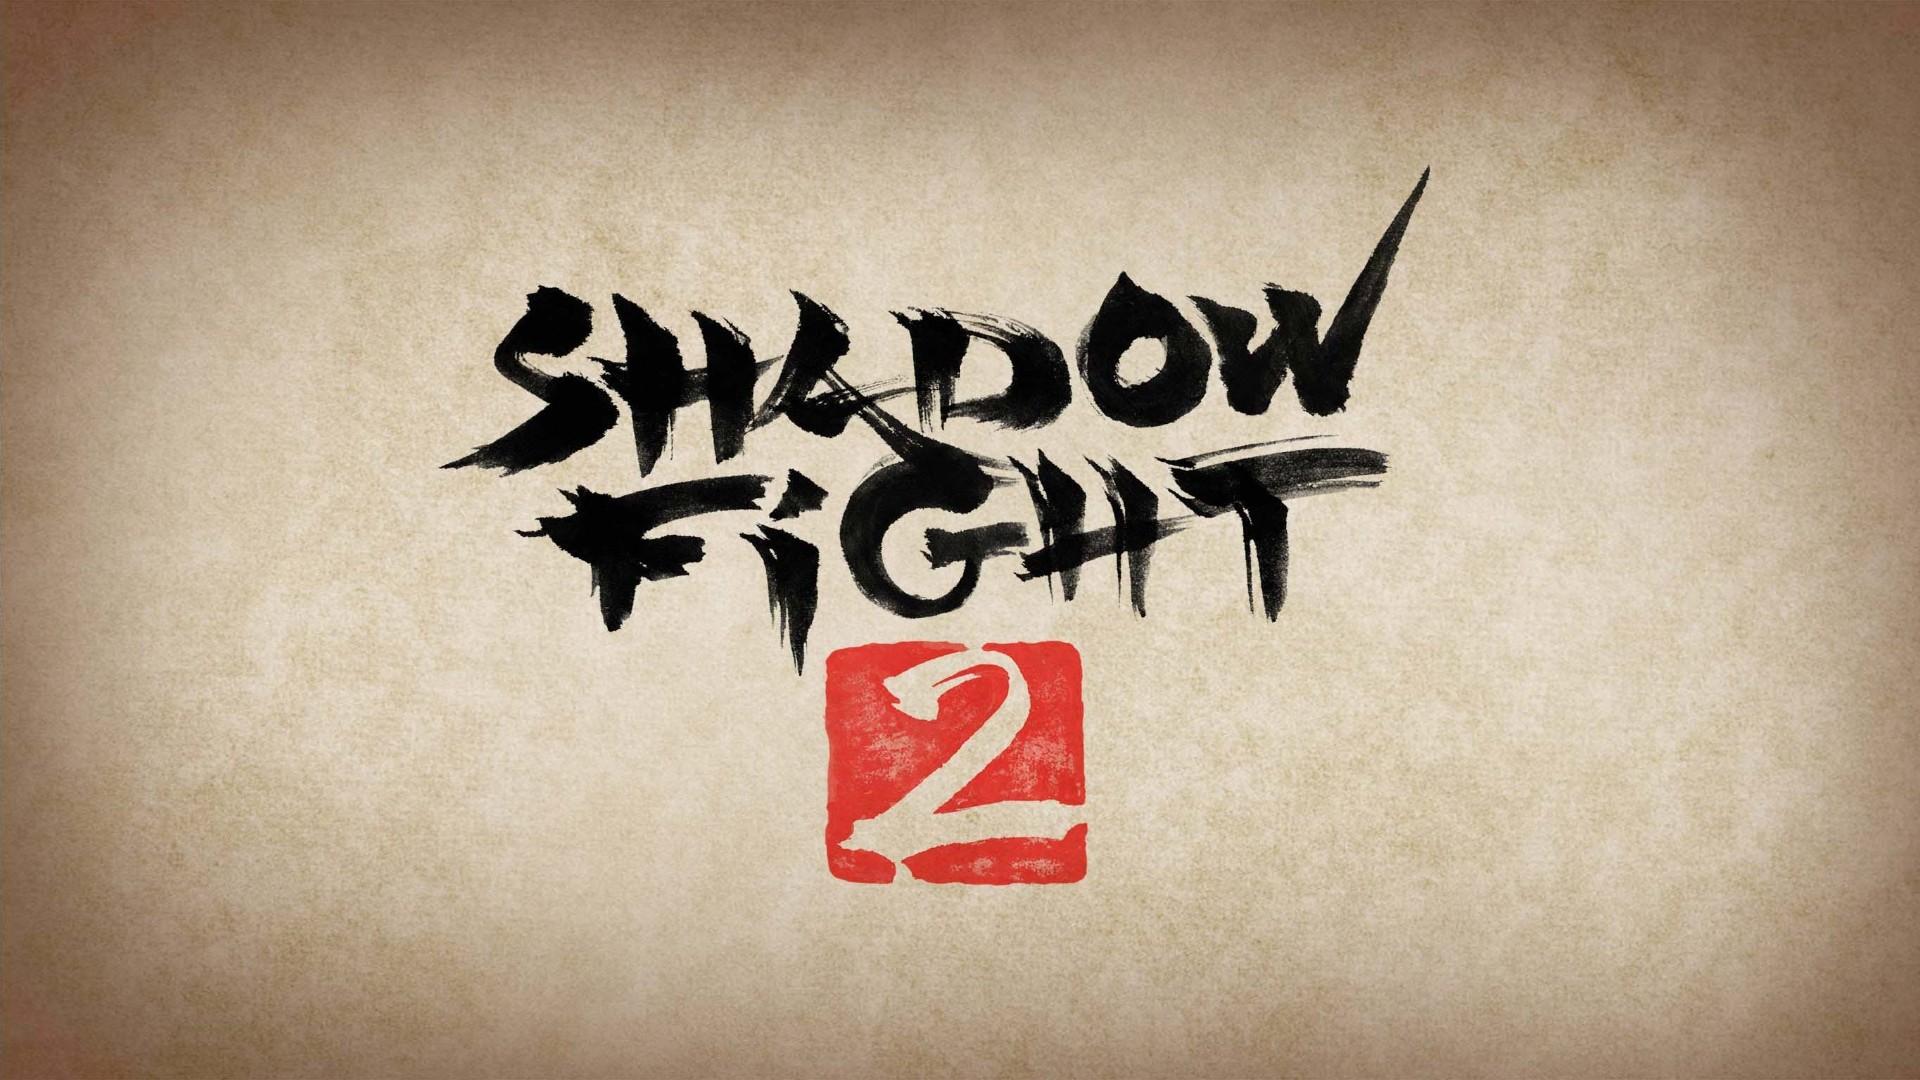 Res: 1920x1080, Title : shadow fight 2, en attendant l'̩pisode 3 Рle blog  d'eric granier. Dimension : 1920 x 1080. File Type : JPG/JPEG